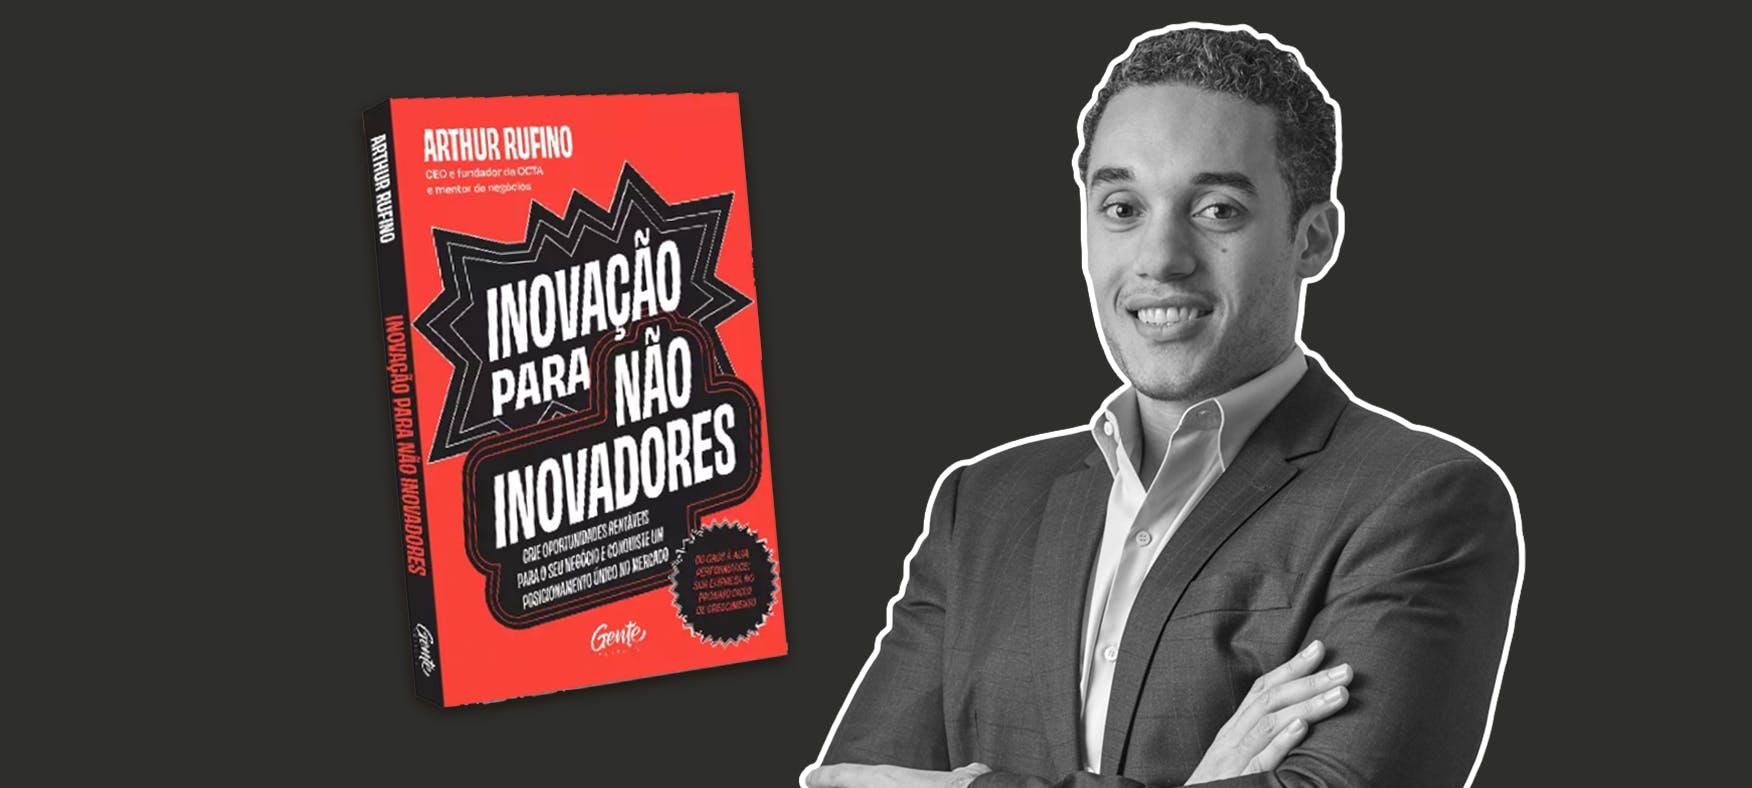 Arthur Rufino e seu livro